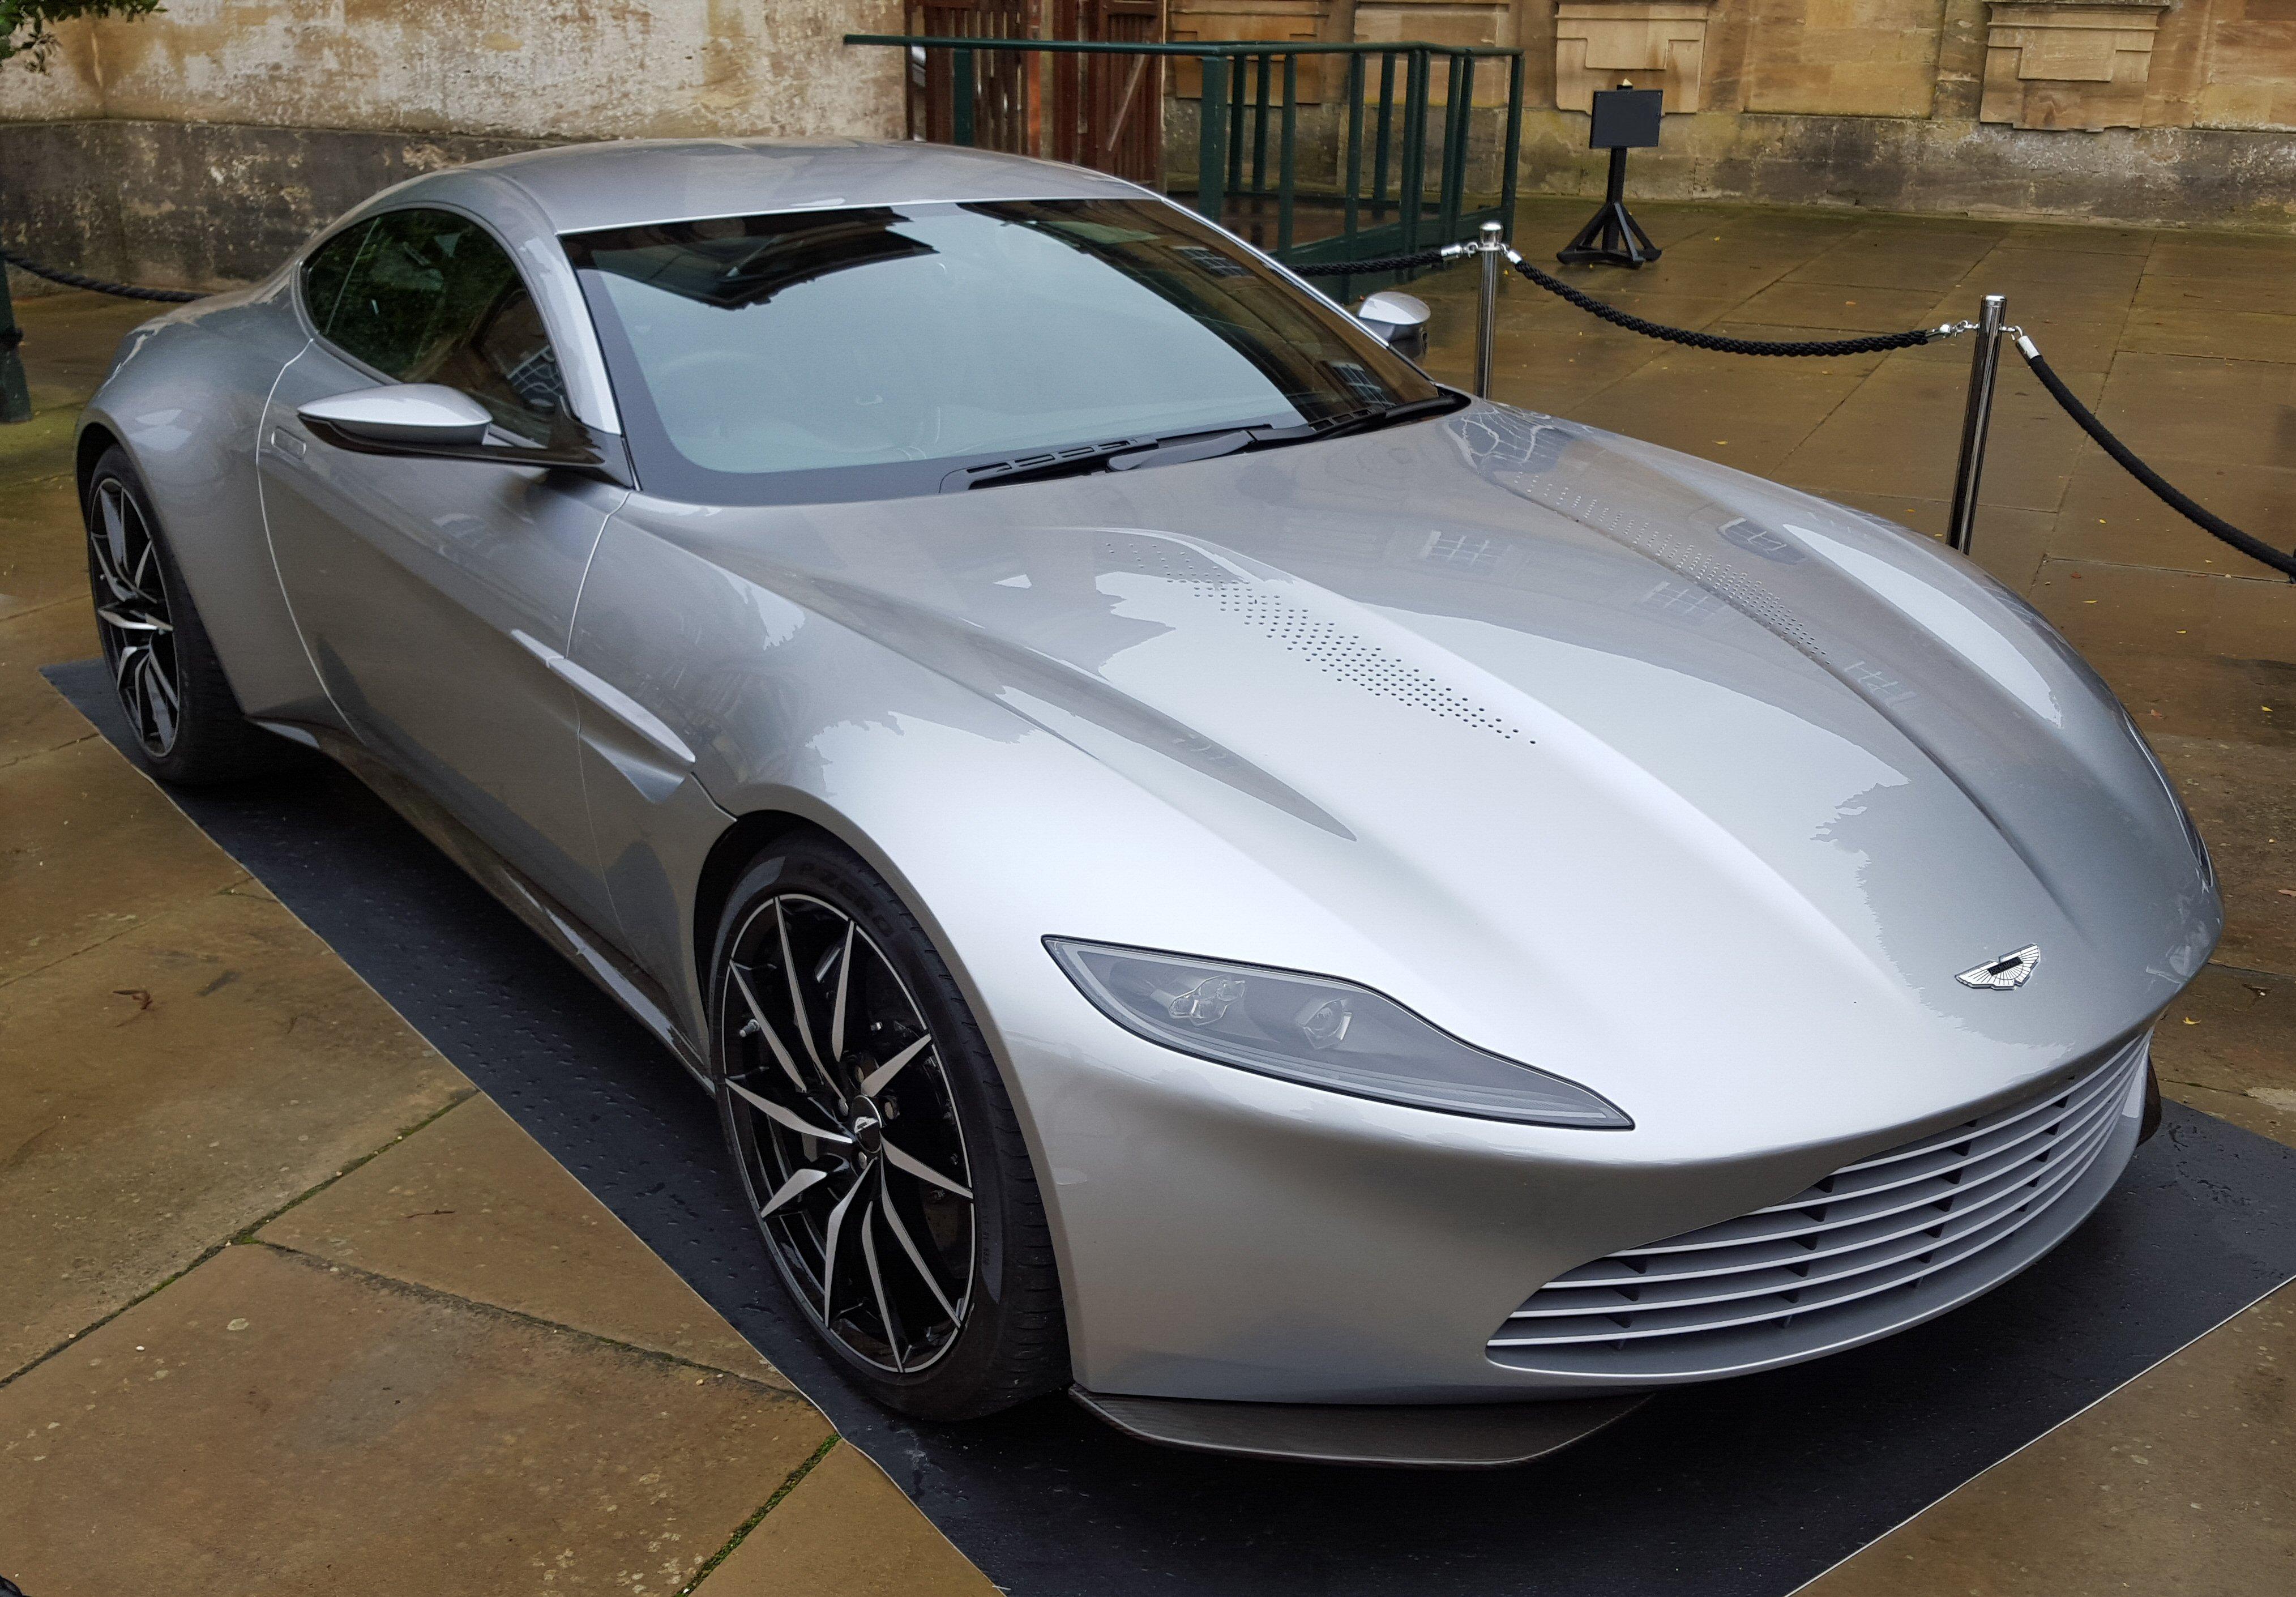 James Bond S Next Car Will Be The All Electric Aston Martin Rapide E Electrek